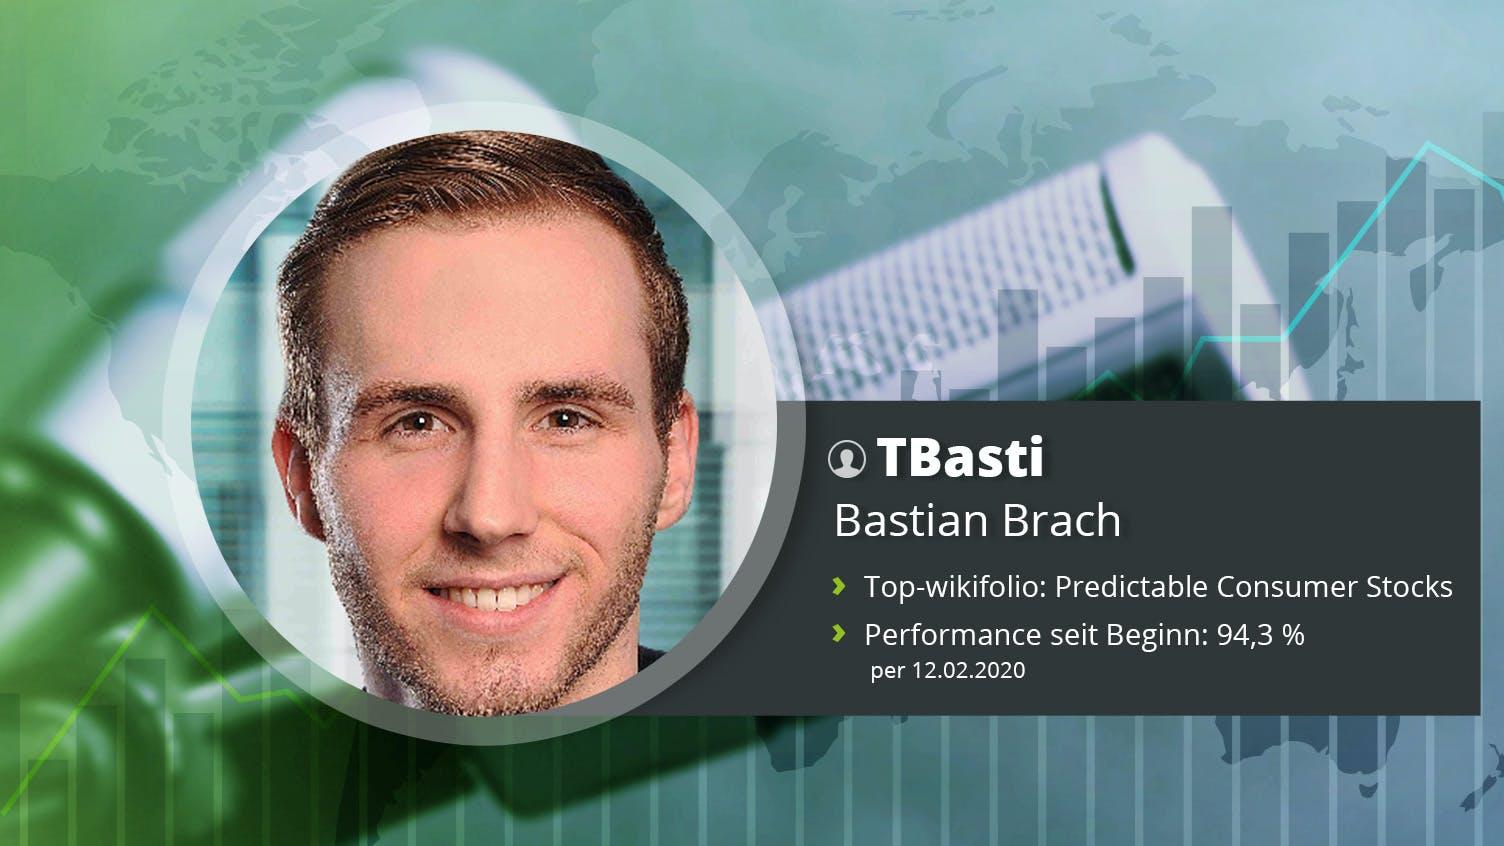 bastian-brach-wikifolio-trader-talk